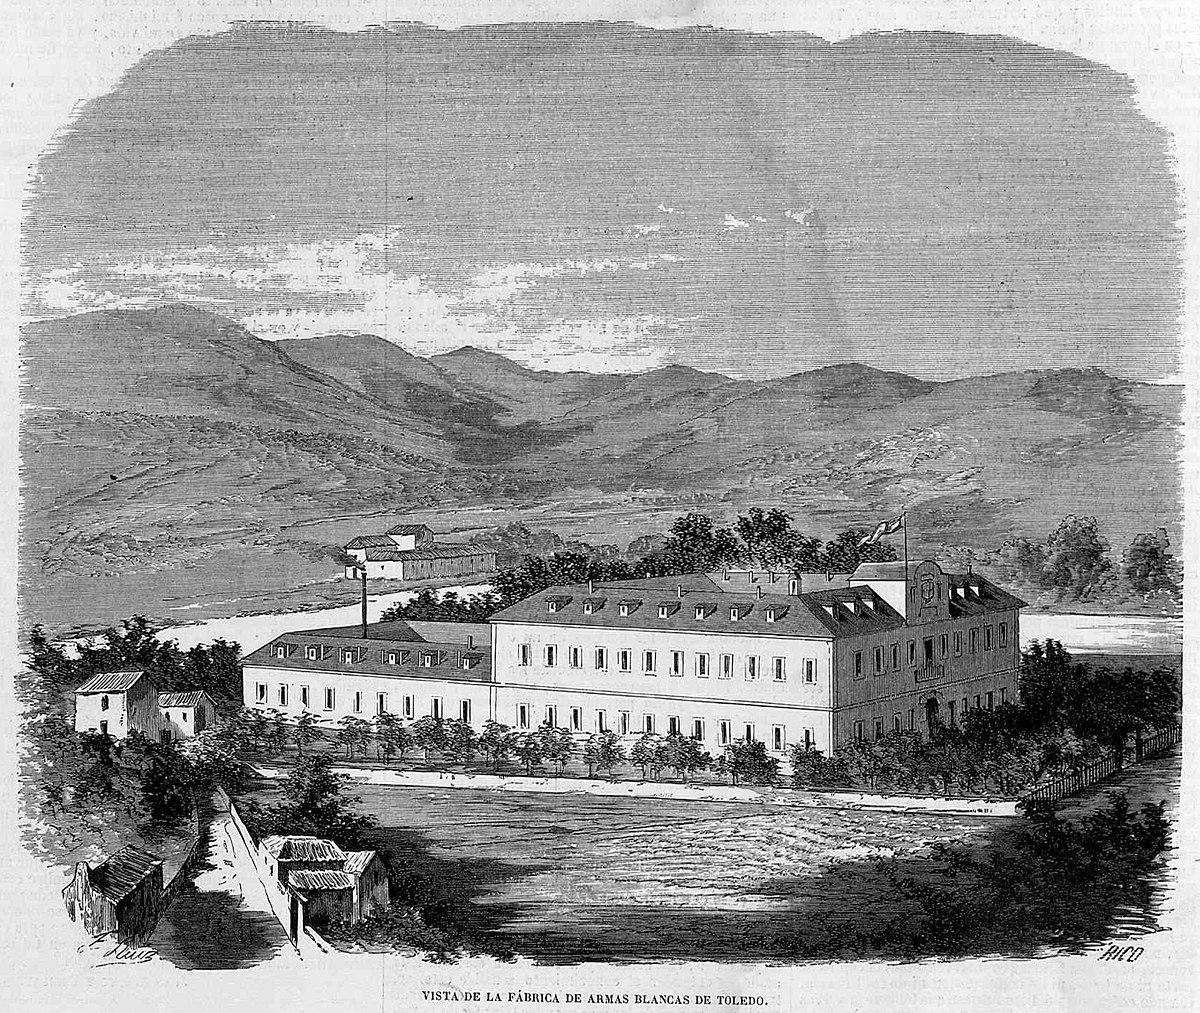 Fábrica de armas de Toledo - Wikipedia, la enciclopedia libre